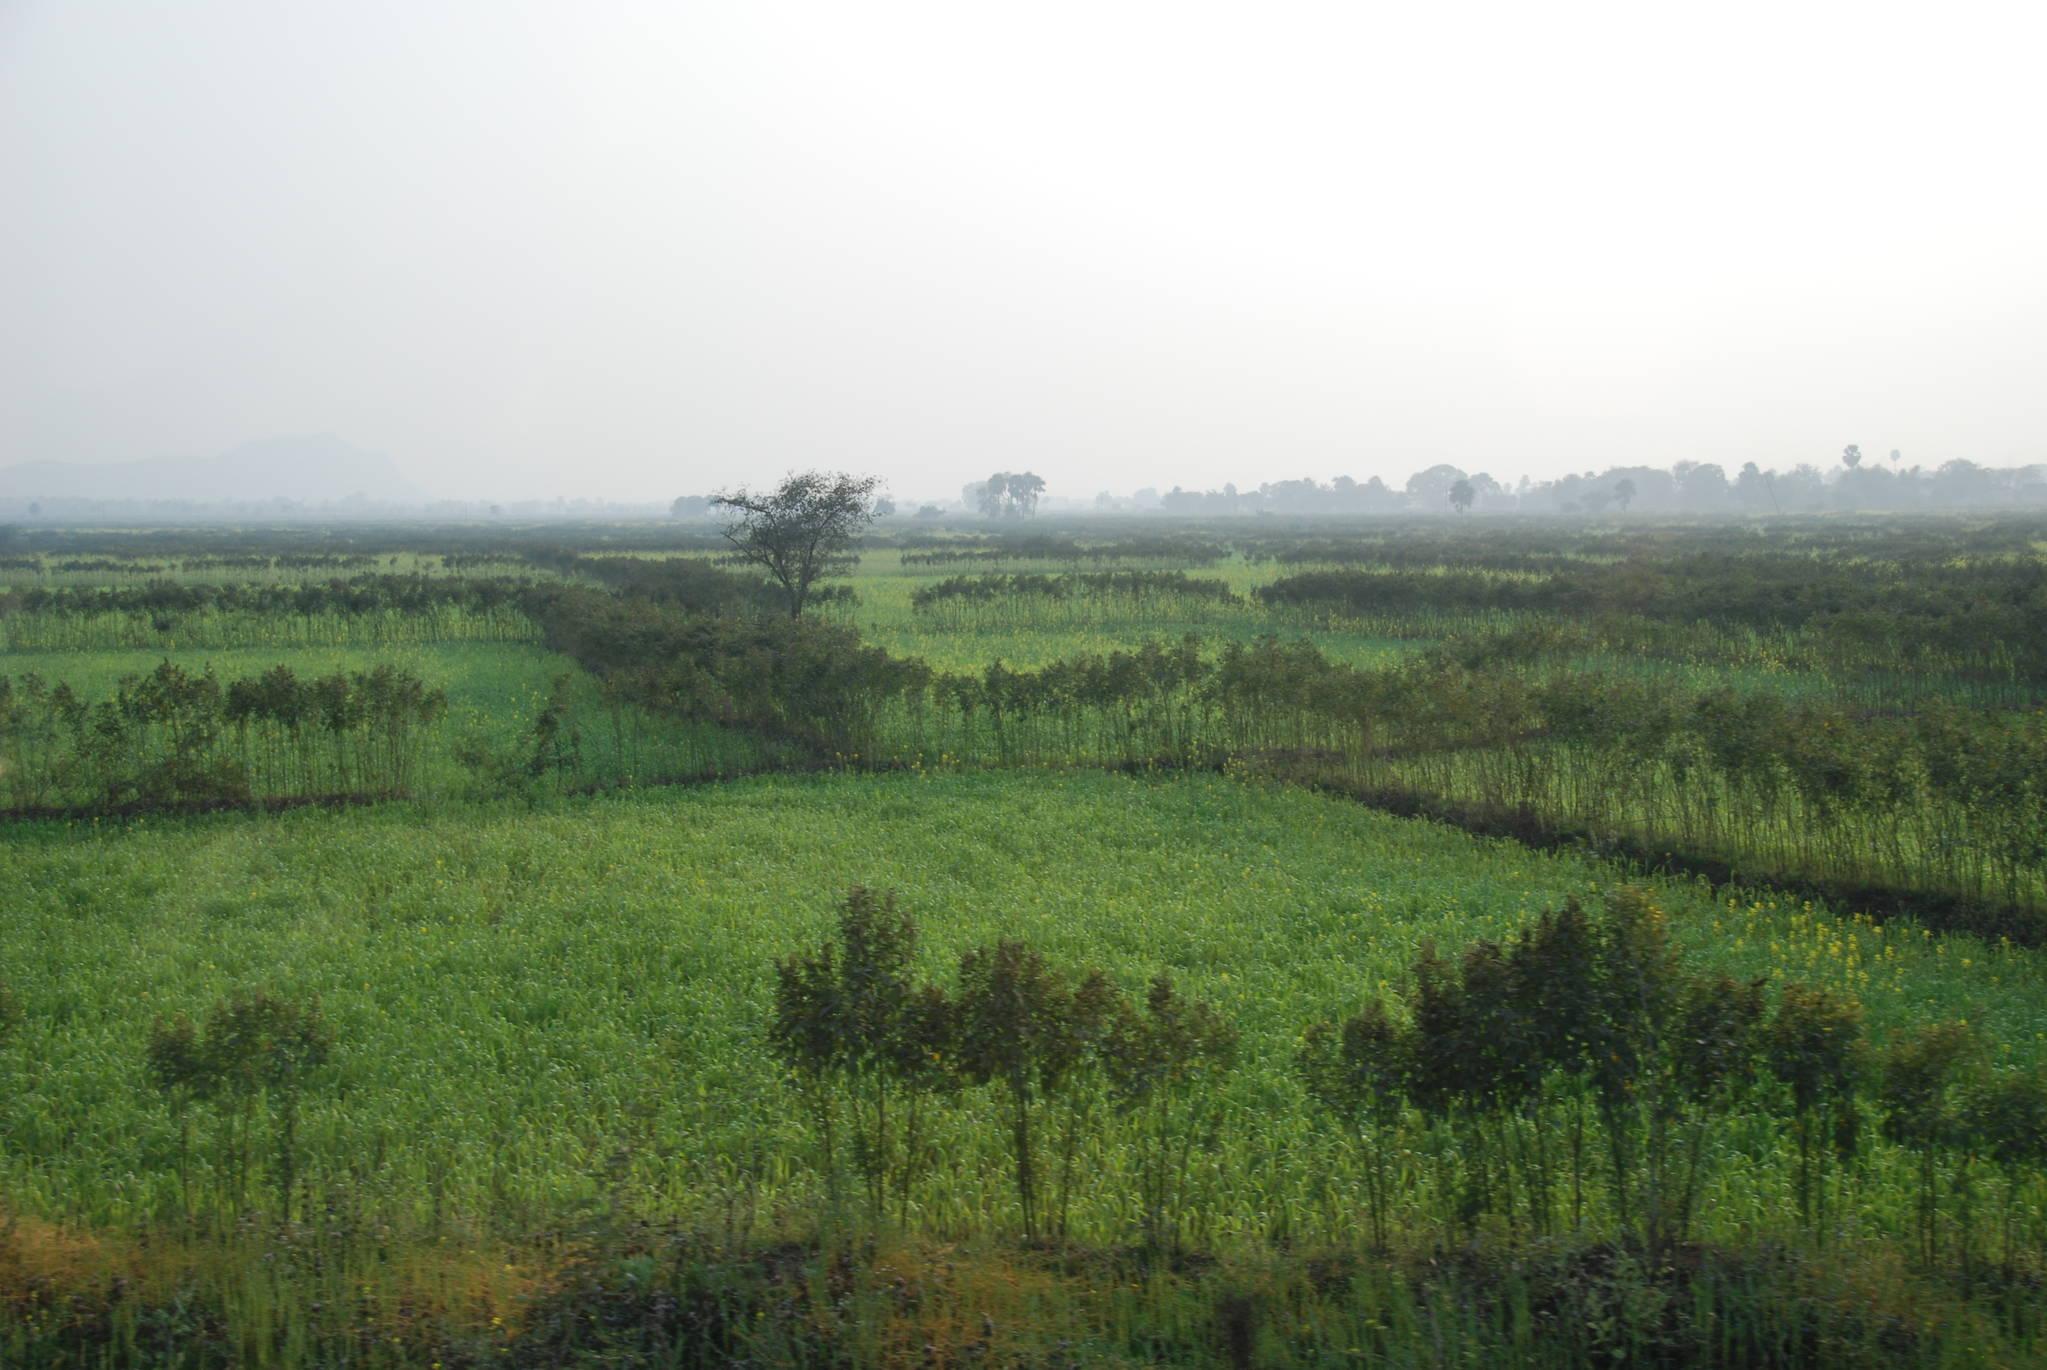 인도 보드가야의 푸른 들판. 저 멀리 나무들이 우거진 숲이 보인다. 평야가 많은 인도에서는 산이 드물다. 백성호 기자